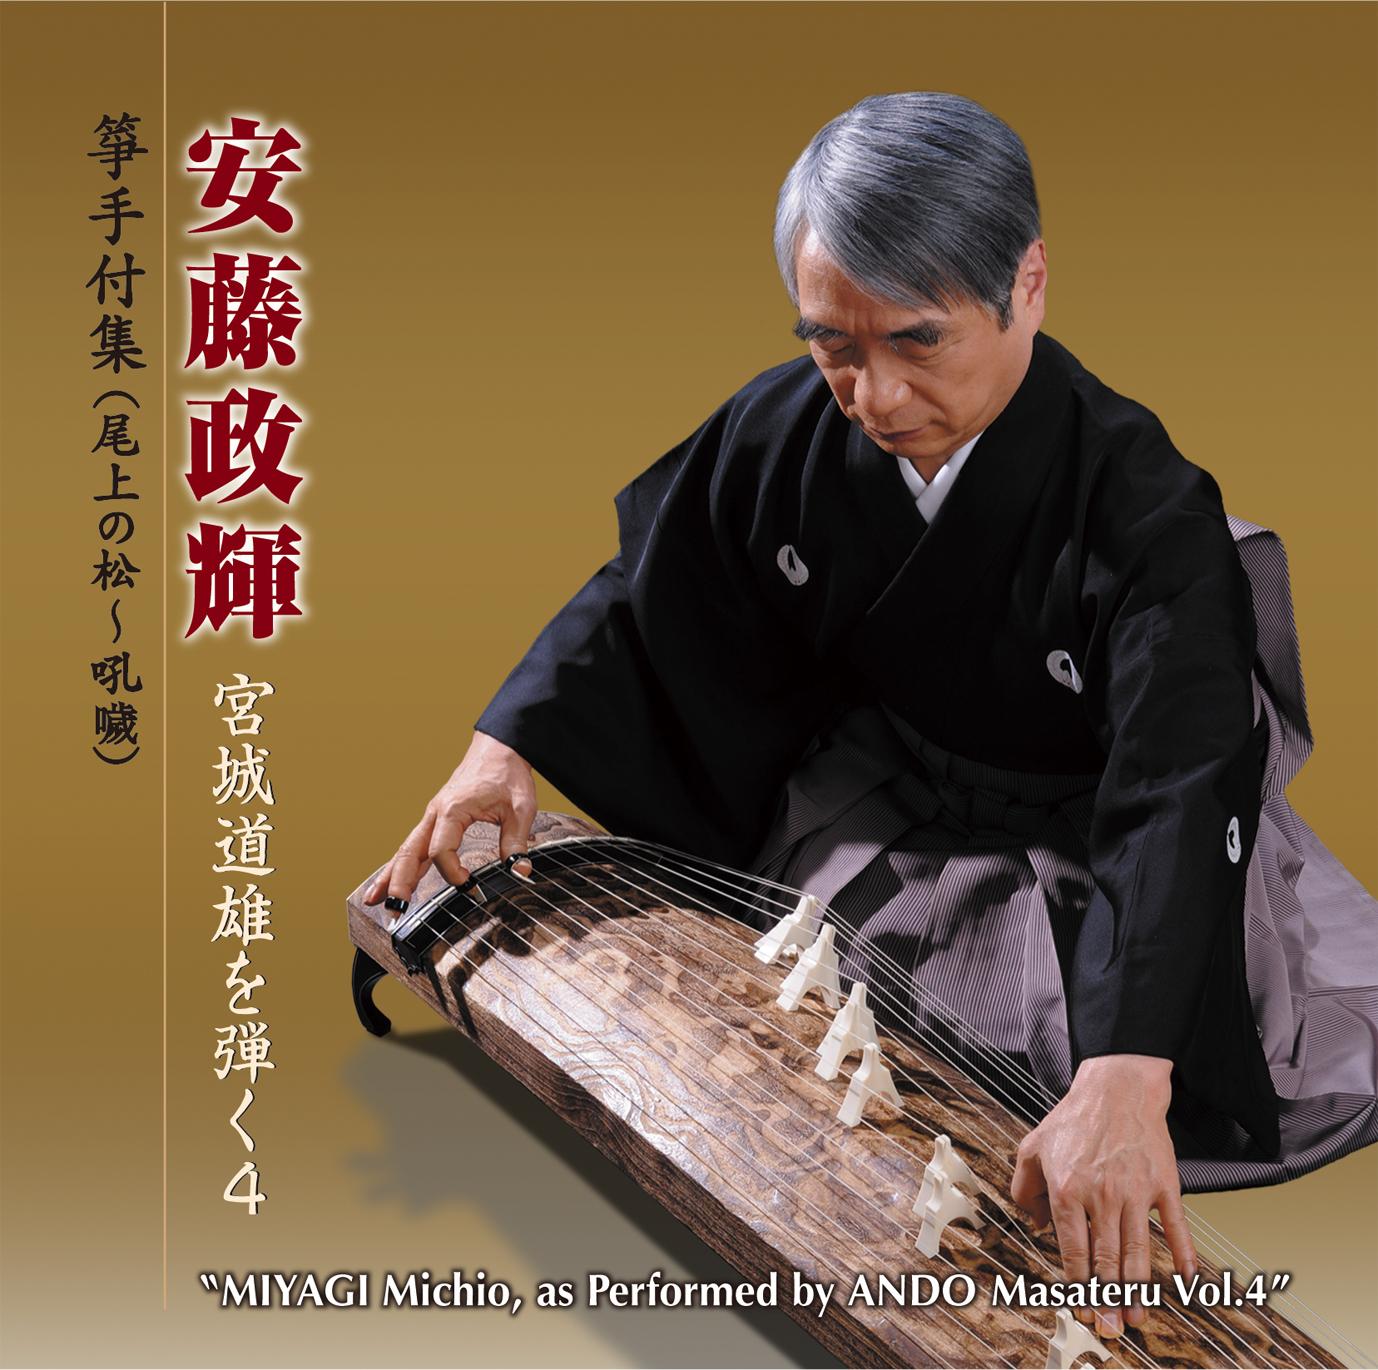 安藤政輝 宮城道雄を弾く4[1527]